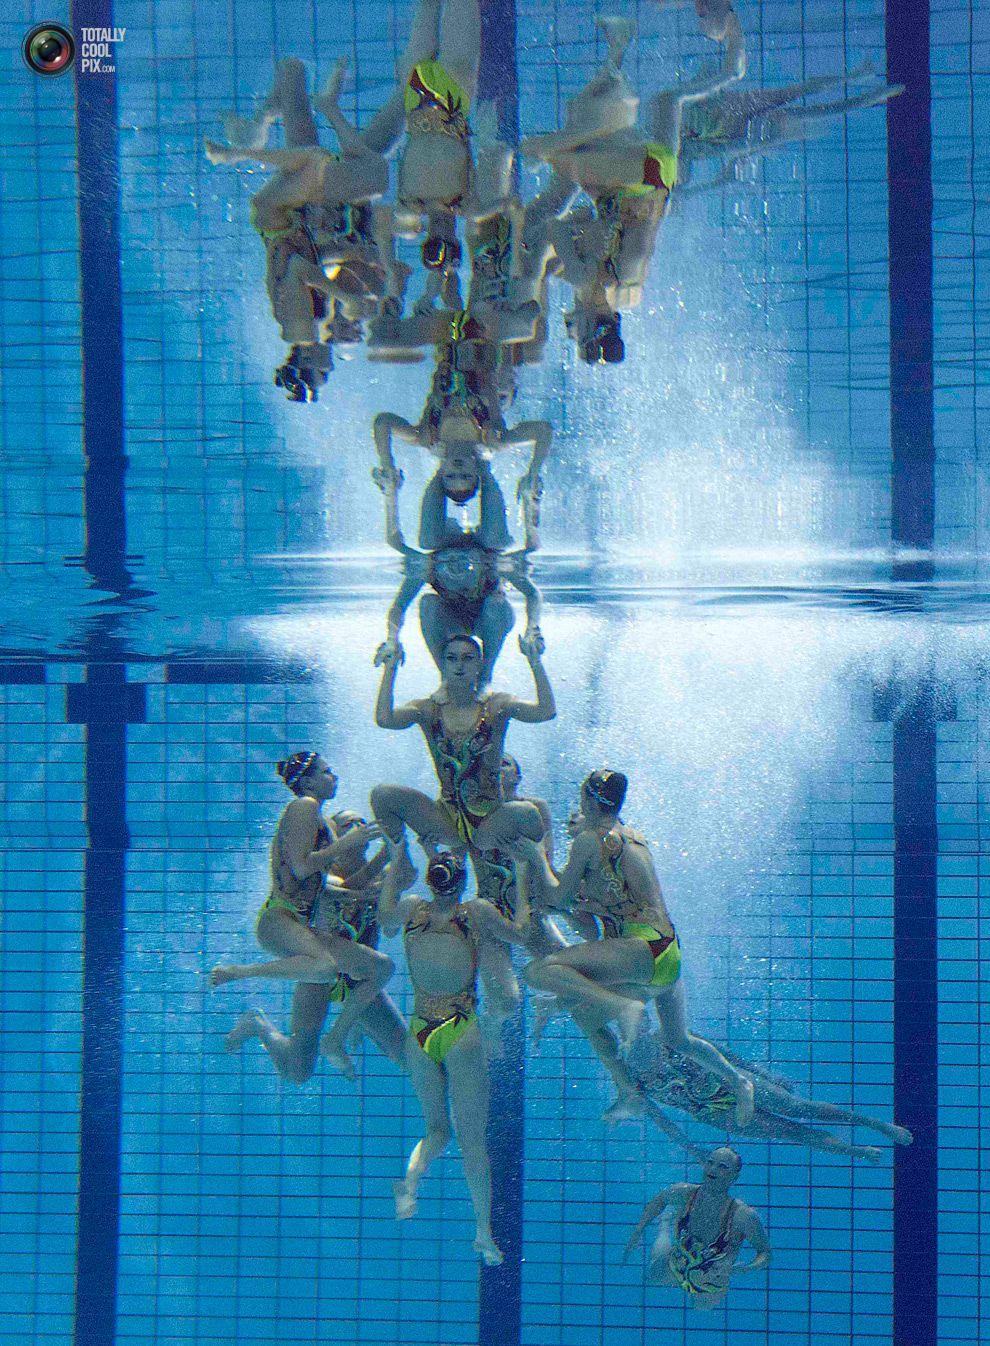 Team Ukraine Is Seen Underwater During The Free